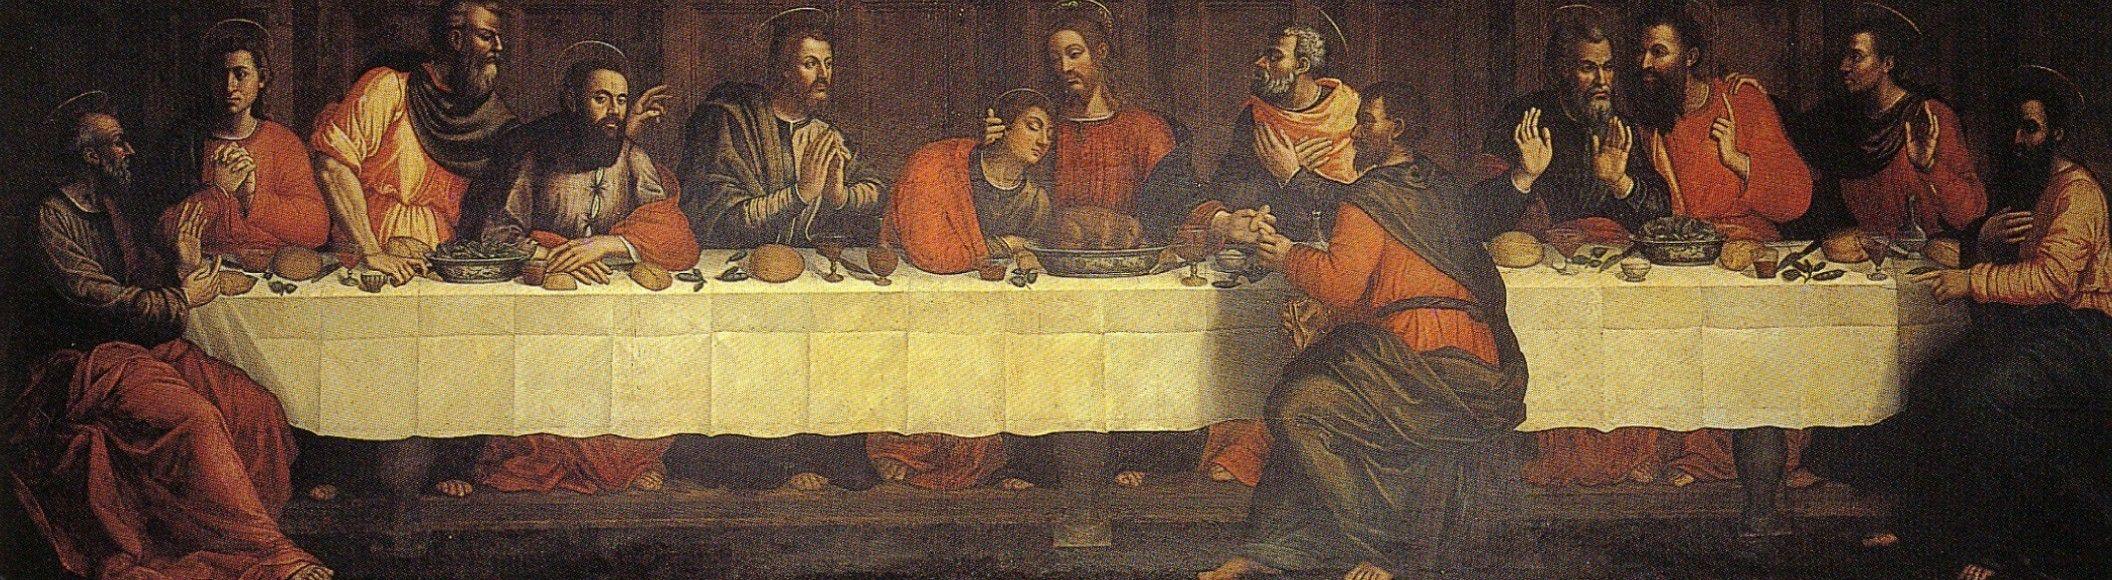 Sour Plautilla Nelli - The Last Supper - Suor Plautilla Nelli (1523 ...